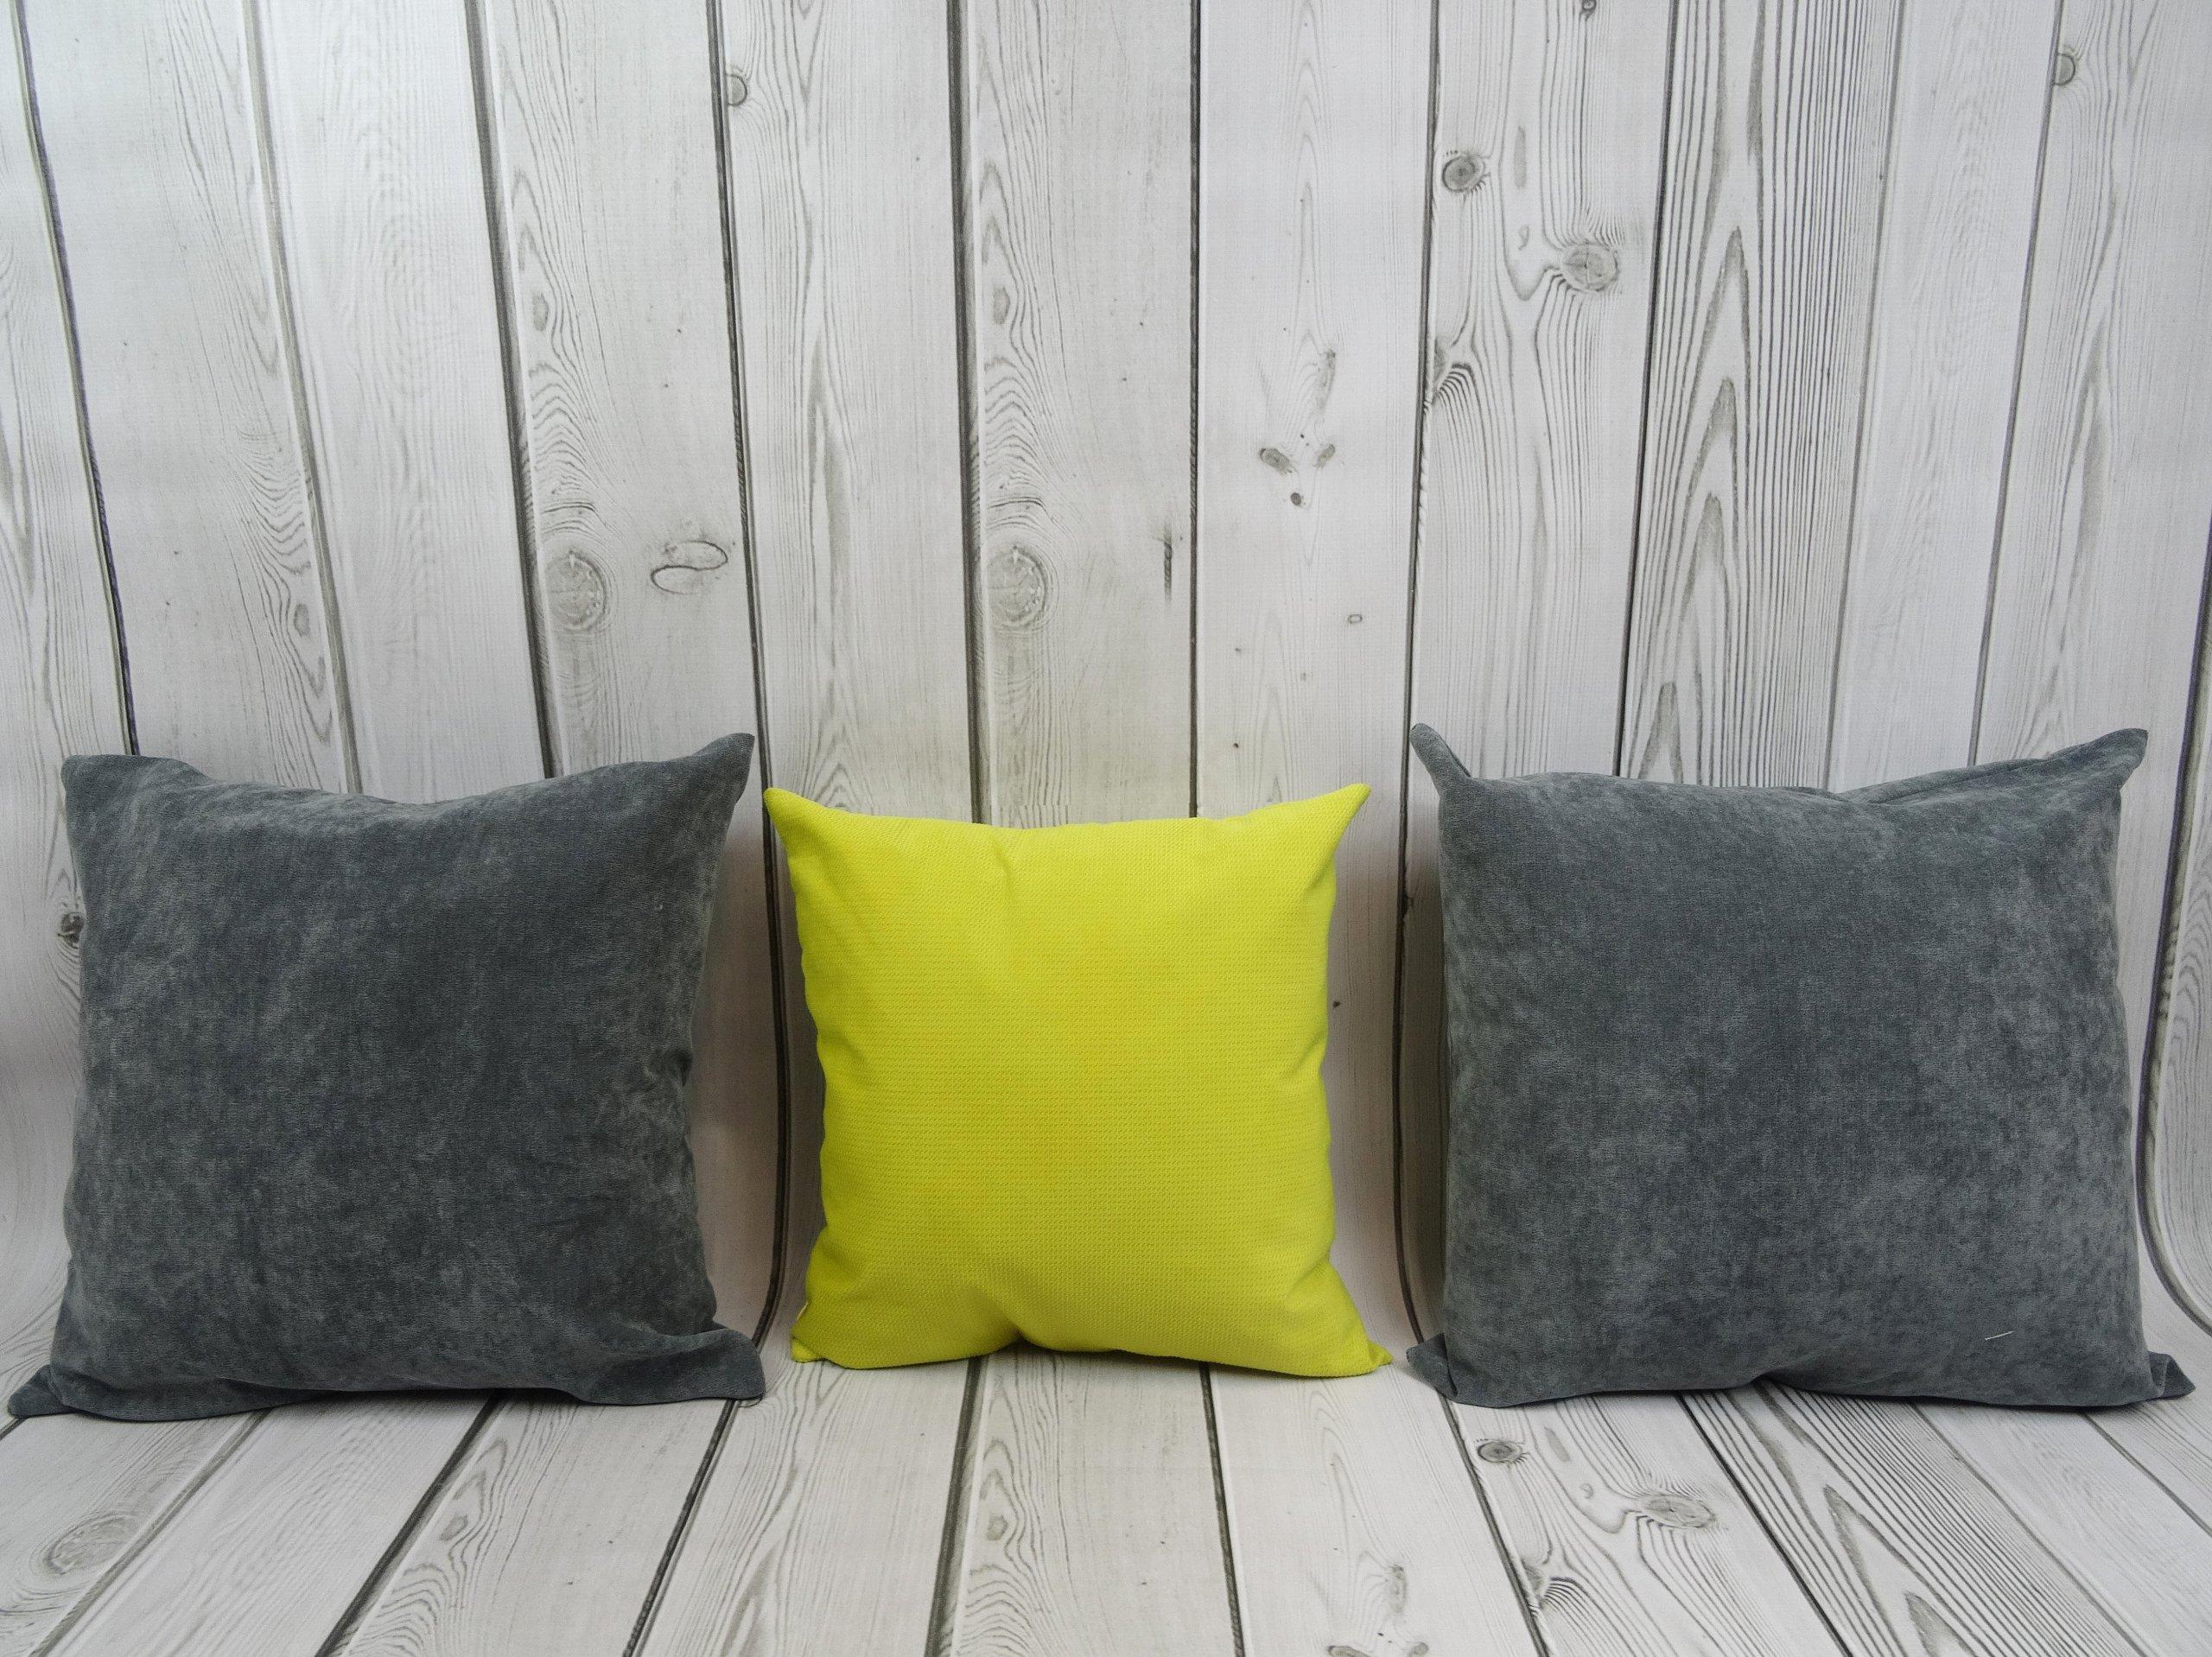 3 Poduszki Dekoracyjne Dwie Duże Szare I żółta 7178973852